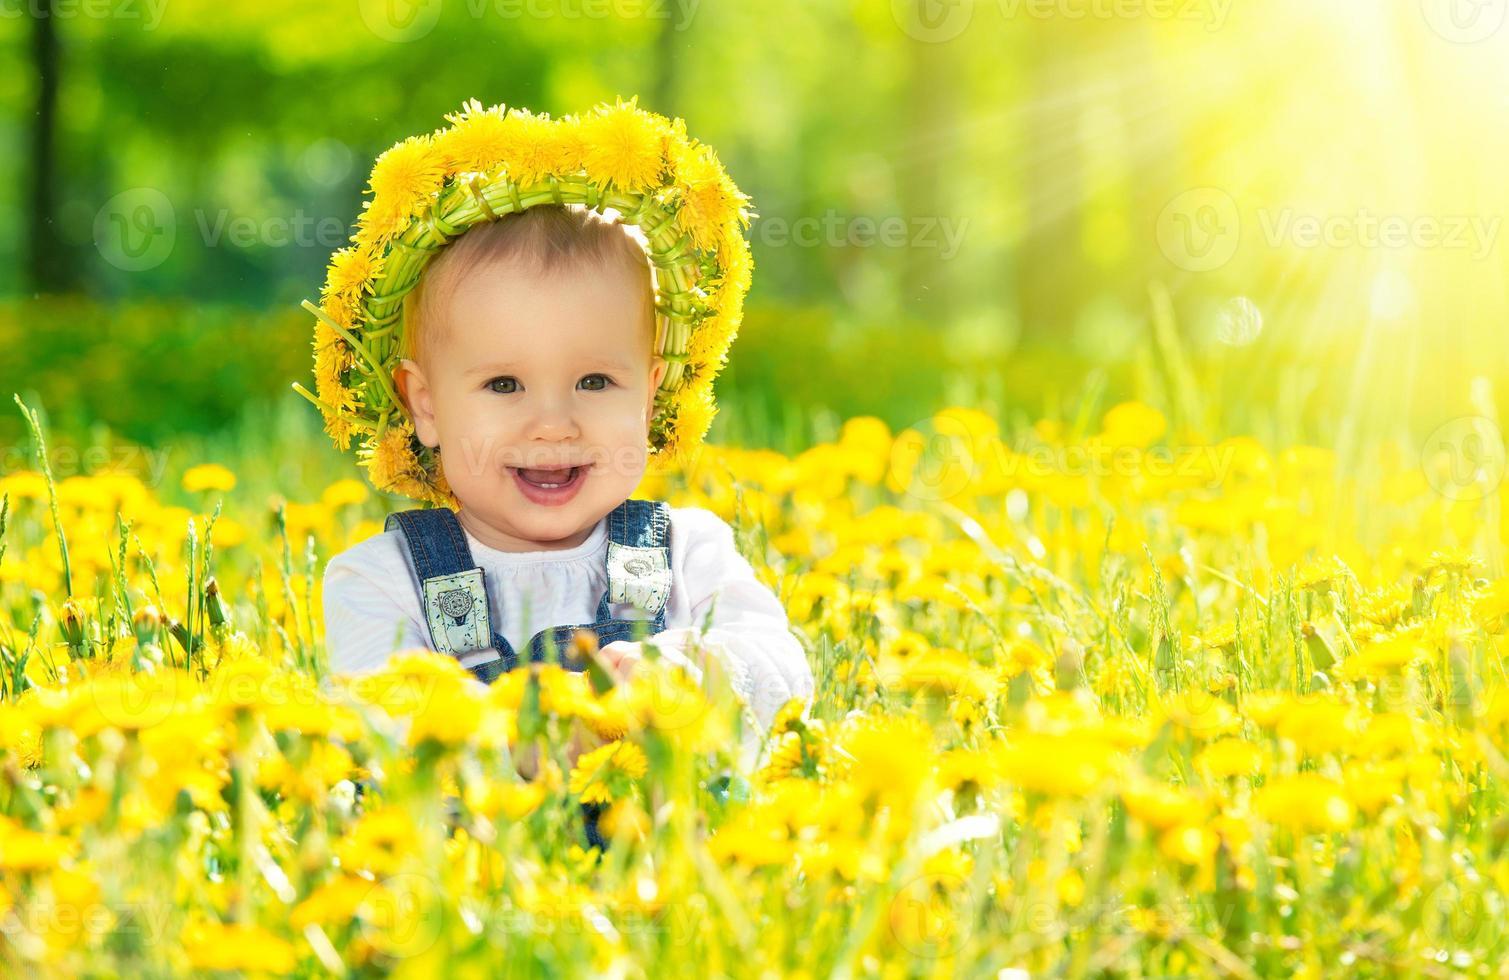 bambina felice in corona sul prato con fiori gialli foto